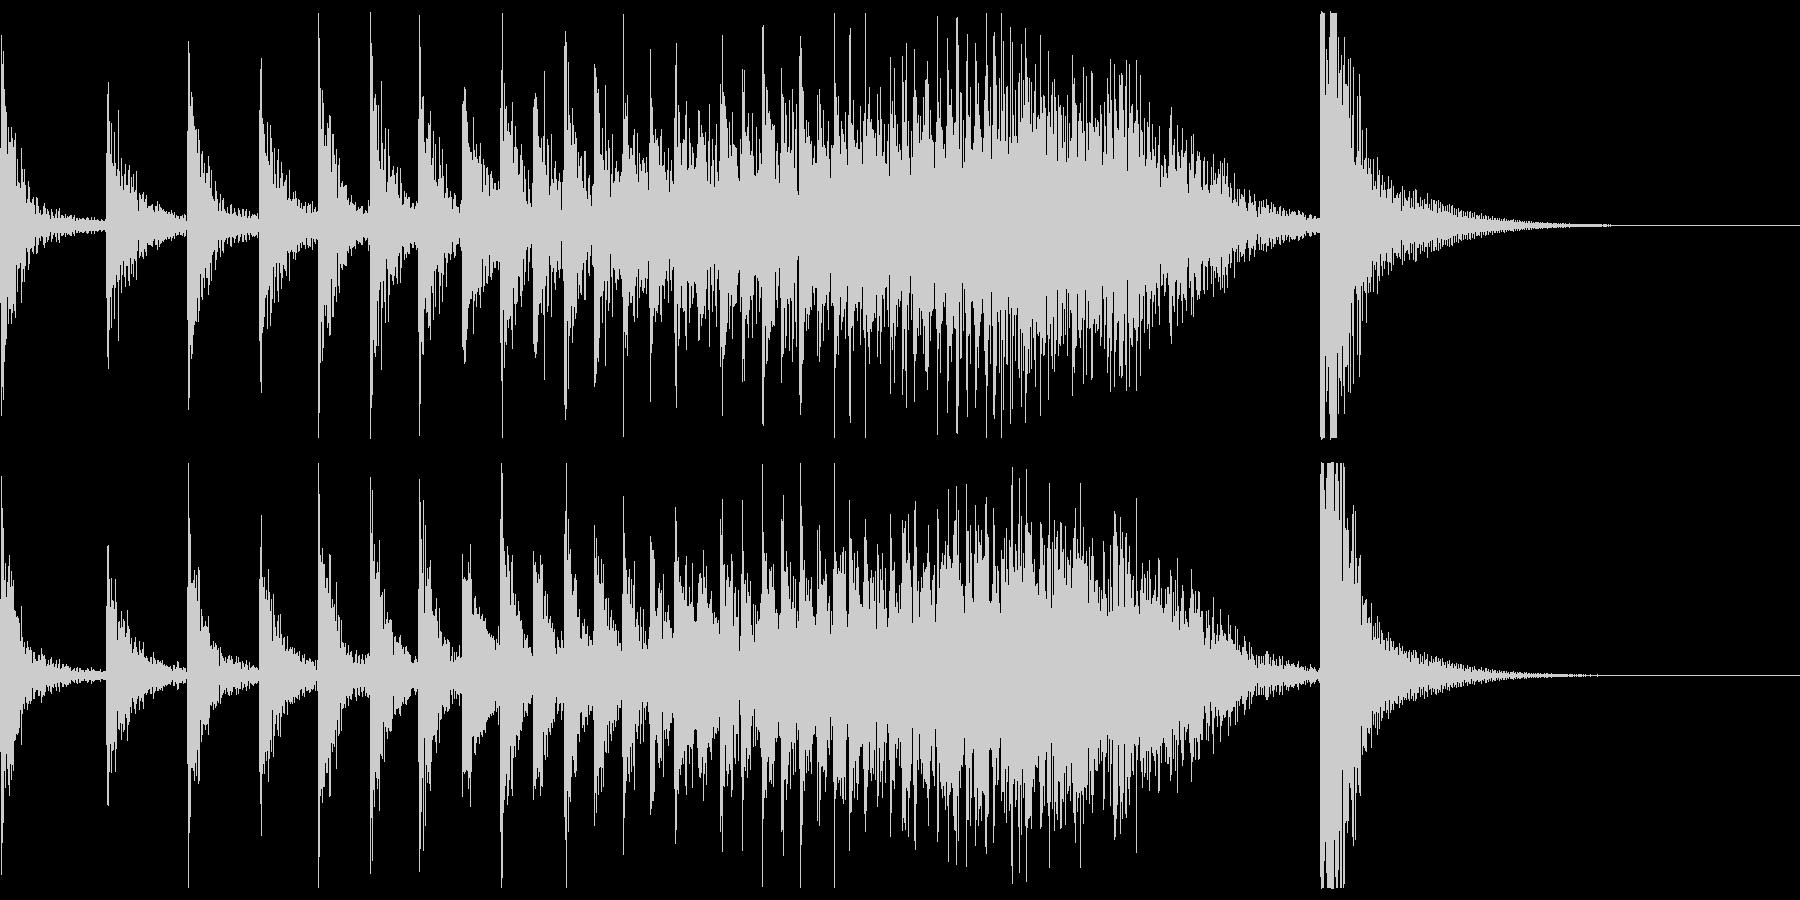 ドコドコ…ドドン!和太鼓ロール/ロングの未再生の波形